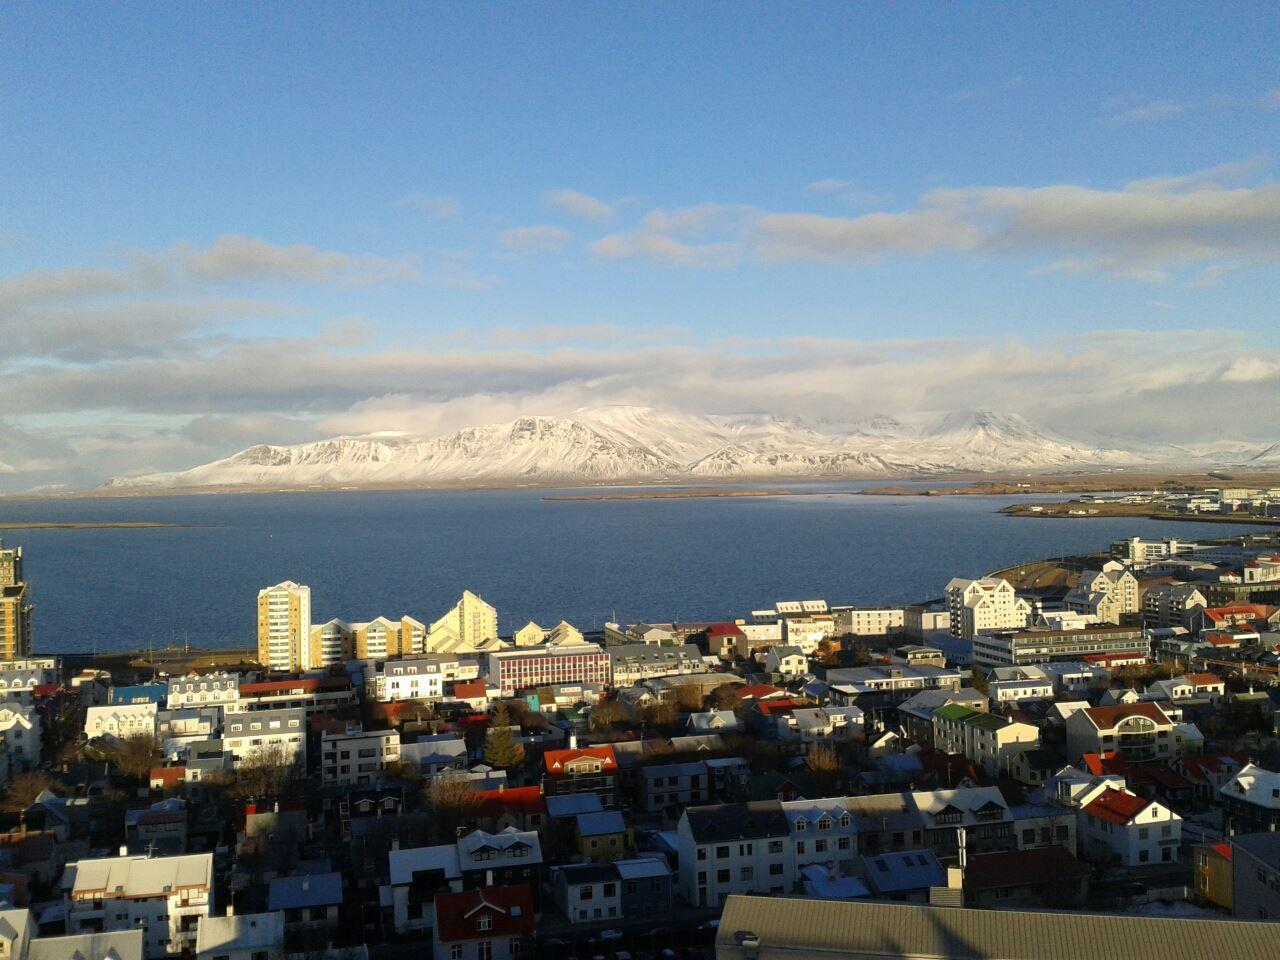 Cosas que pasan en Islandia - Noticias curiosas